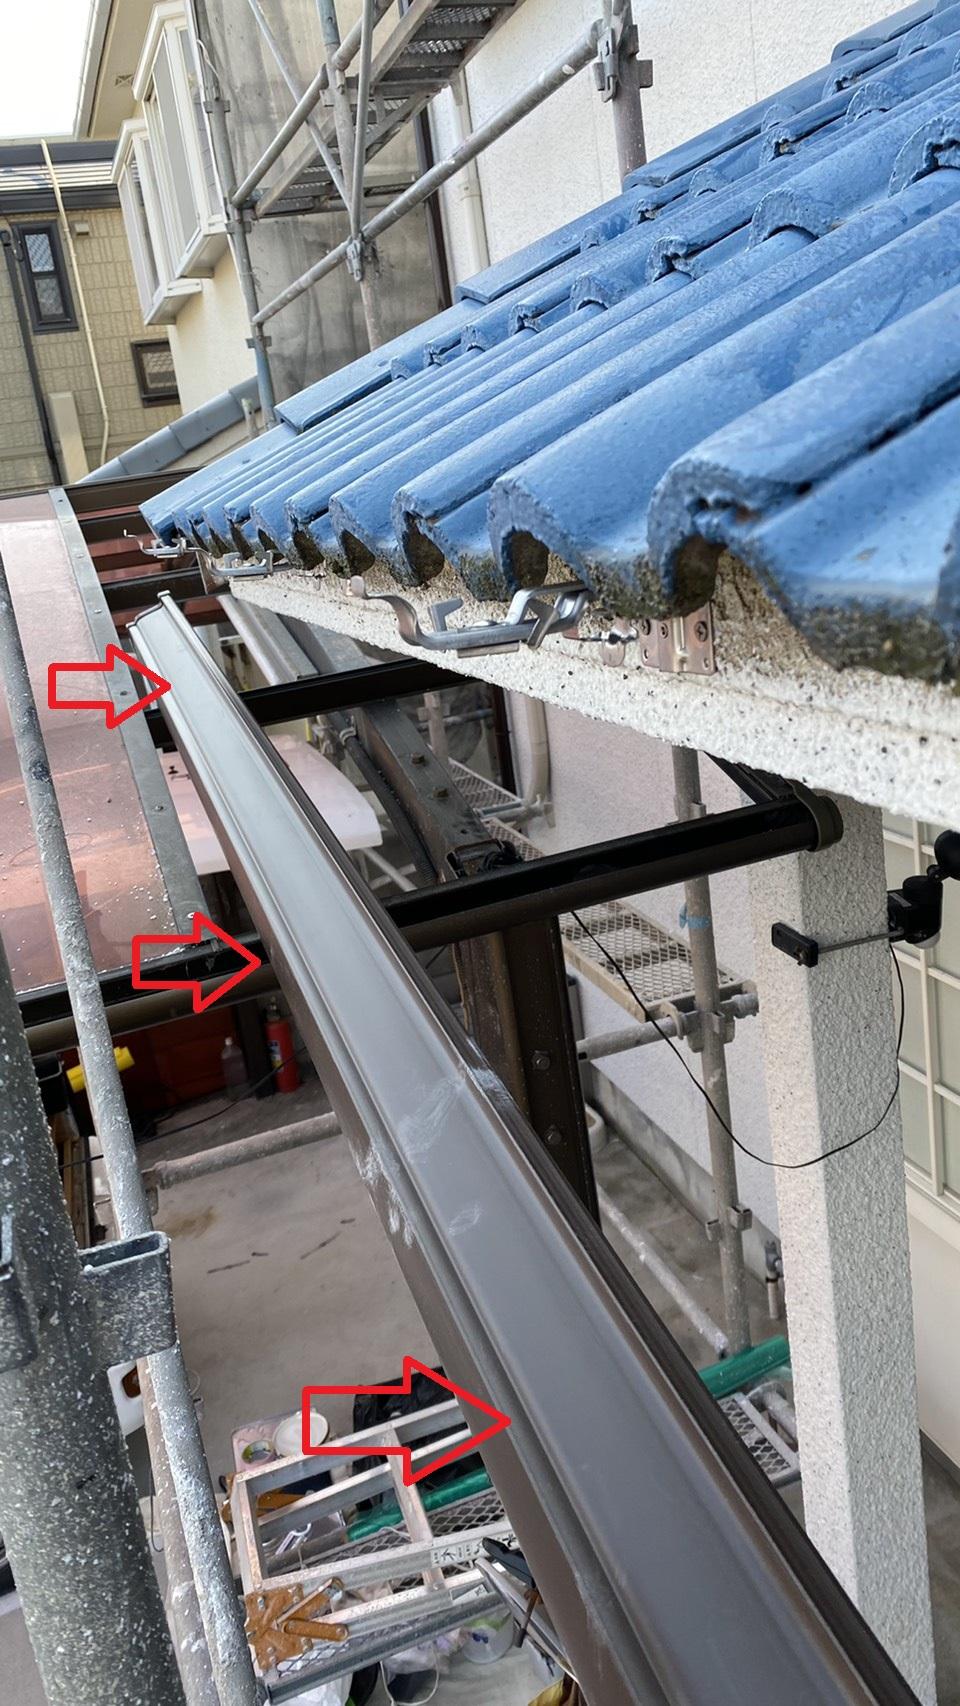 三木市での雨樋修理で新しく取り付ける雨樋の様子